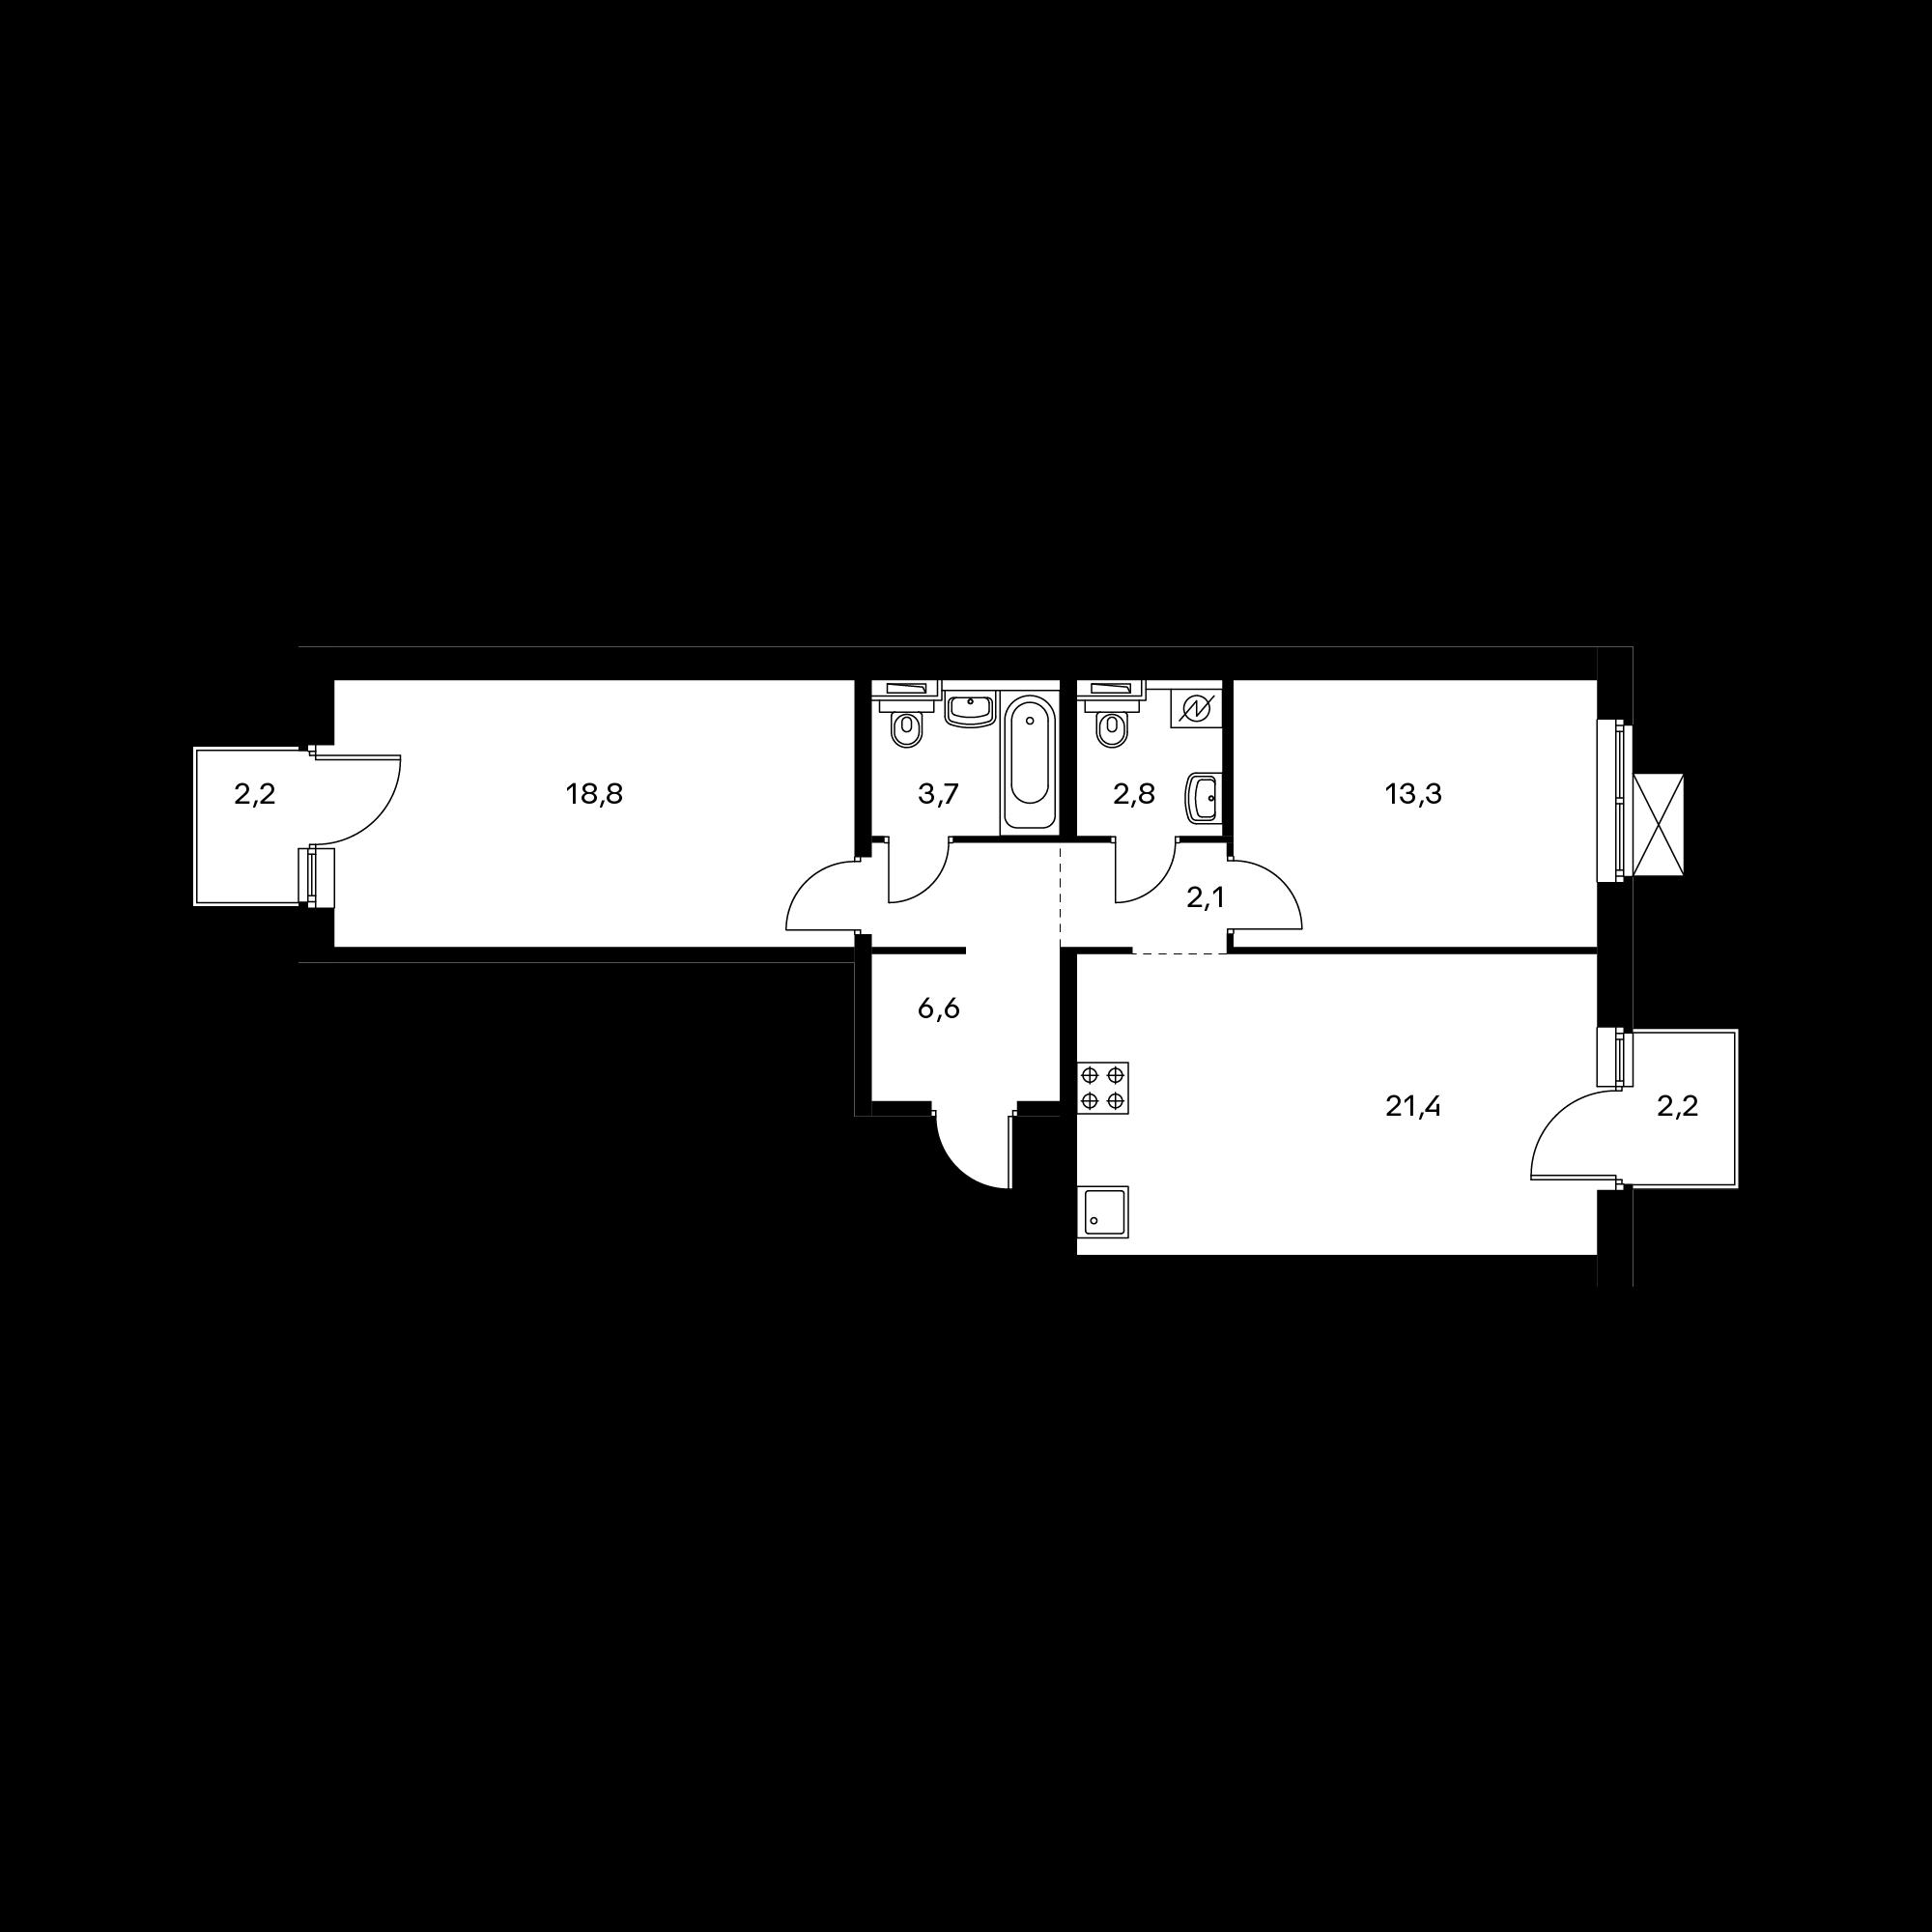 2EL3_6.9-1_B(2,2)/B(2,2)